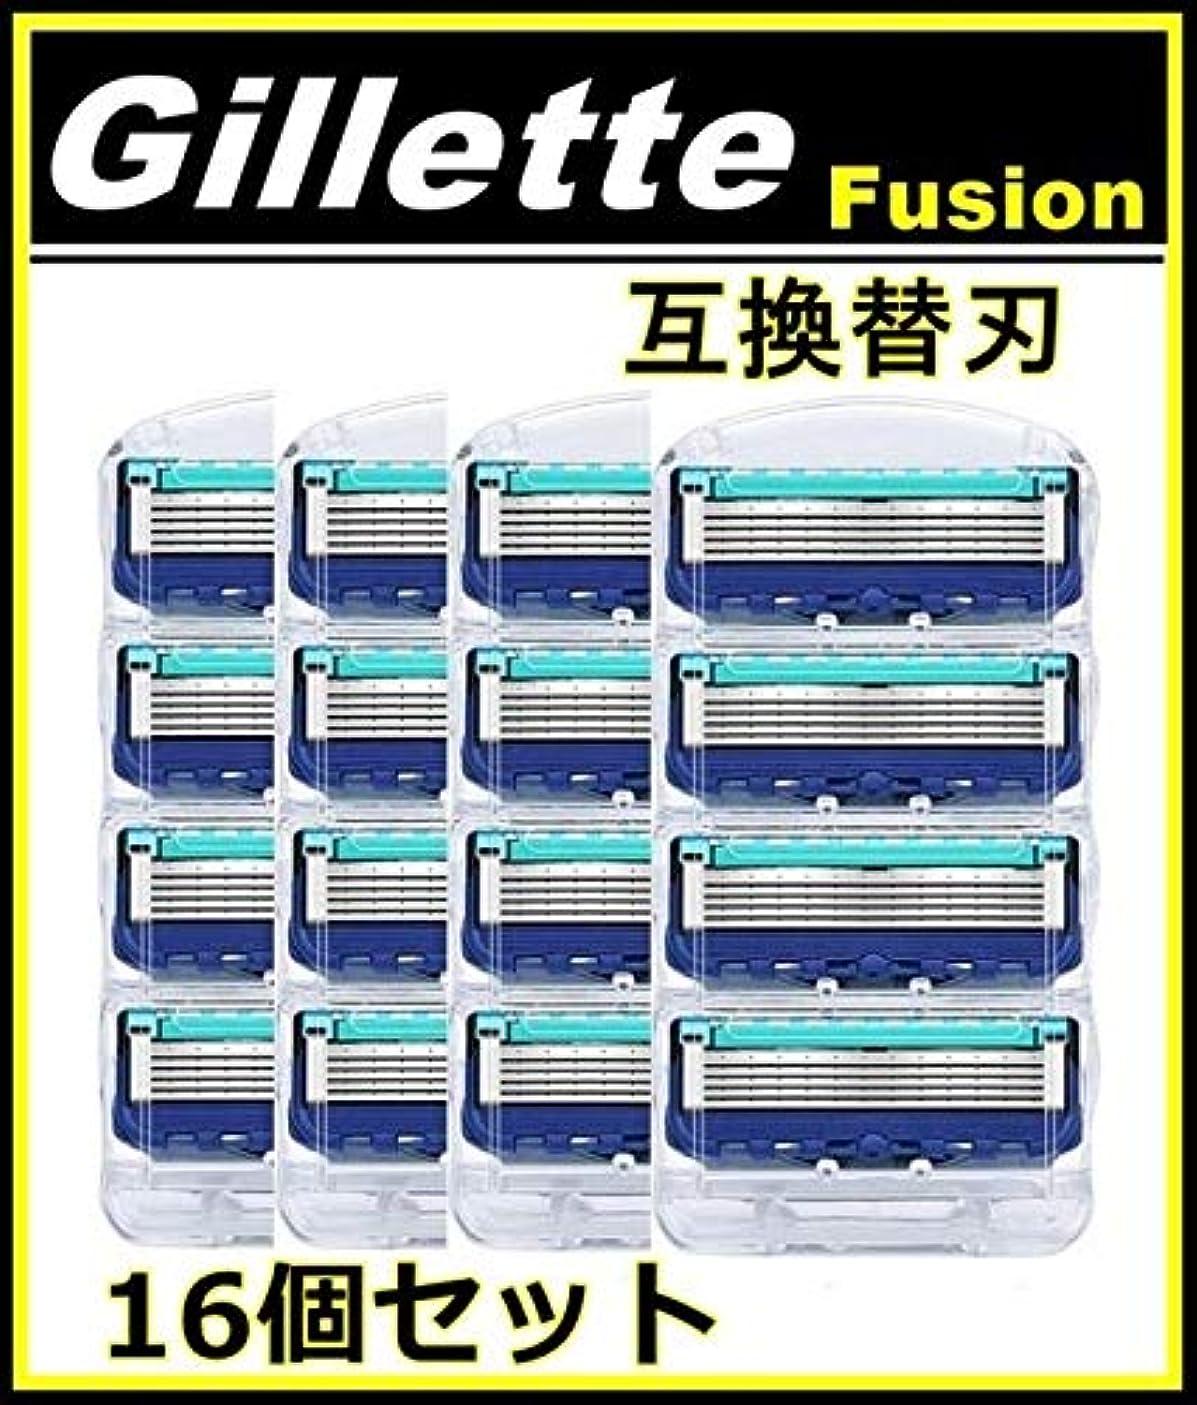 噂スーパーマーケット期間ジレット フュージョン用 替刃 互換品 4セット 16個 髭剃り Gillette Fusion プログライド パワー 替え刃 ブルー